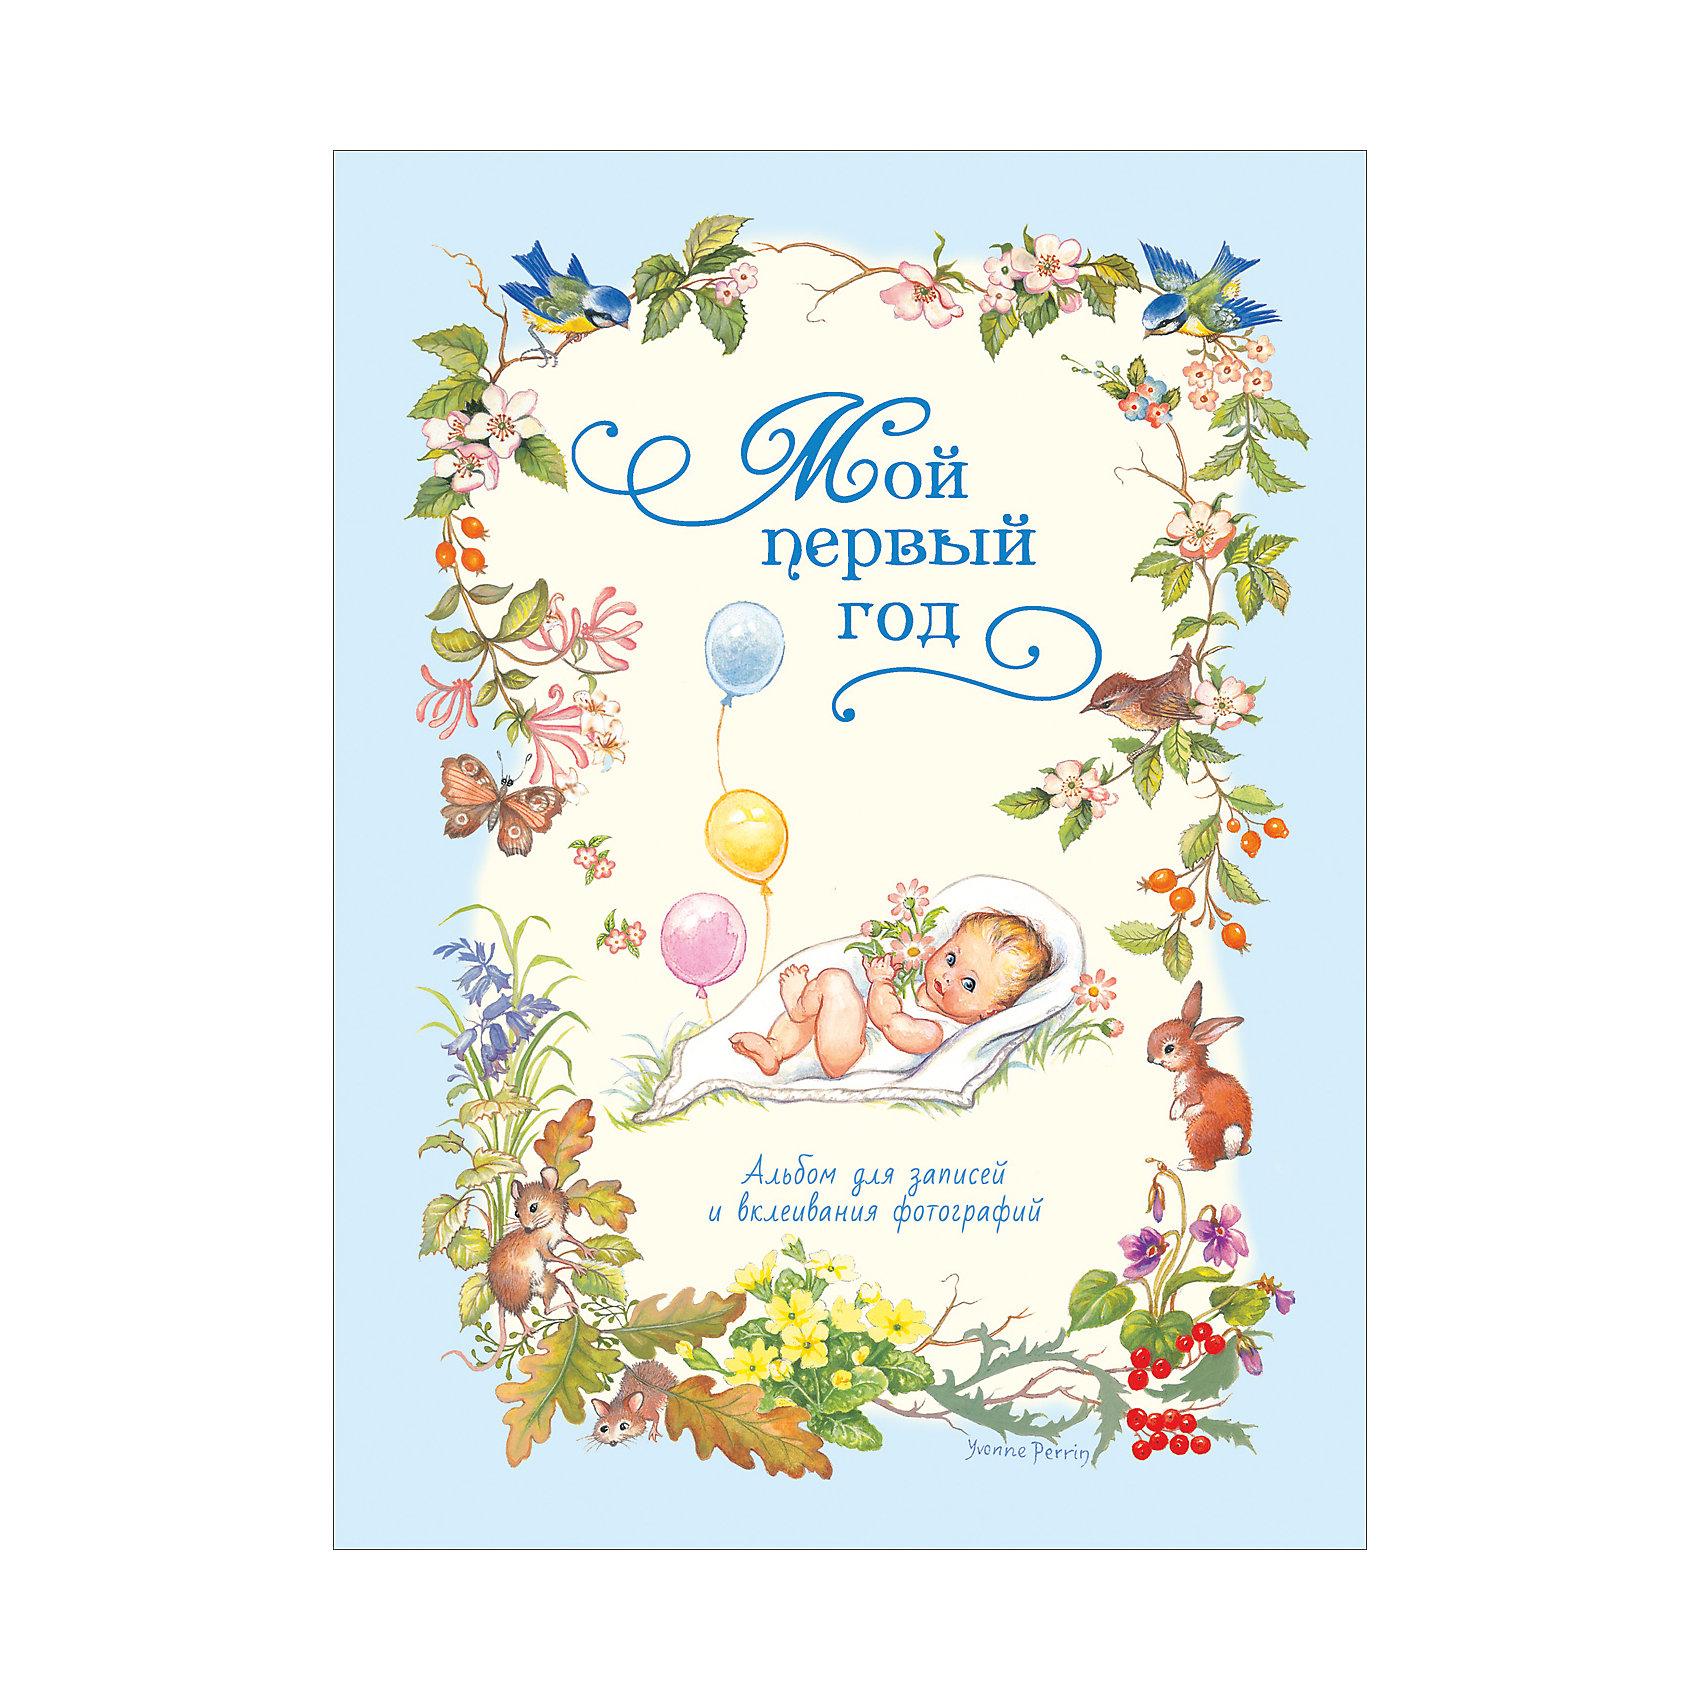 Фотоальбом Мой первый год, цвет голубойАльбомы для новорожденного<br>Этот альбом поможет запечатлеть самые волнующие и трогательные события первого года жизни малыша. В будущем повзрослевшему человечку захочется узнать все о том времени, когда он только появился на свет. В альбоме вы сможете заполнить табличку с данными о росте и весе ребенка, составить генеалогическое древо, отметить последовательность появления первых молочных зубов. По прошествии нескольких лет вы вместе с ребенком с удовольствием перелистаете страницы альбома, вспоминая милые и забавные моменты неповторимого чудесного возраста.<br><br>Ширина мм: 284<br>Глубина мм: 212<br>Высота мм: 80<br>Вес г: 395<br>Возраст от месяцев: -2147483648<br>Возраст до месяцев: 2147483647<br>Пол: Мужской<br>Возраст: Детский<br>SKU: 5453641